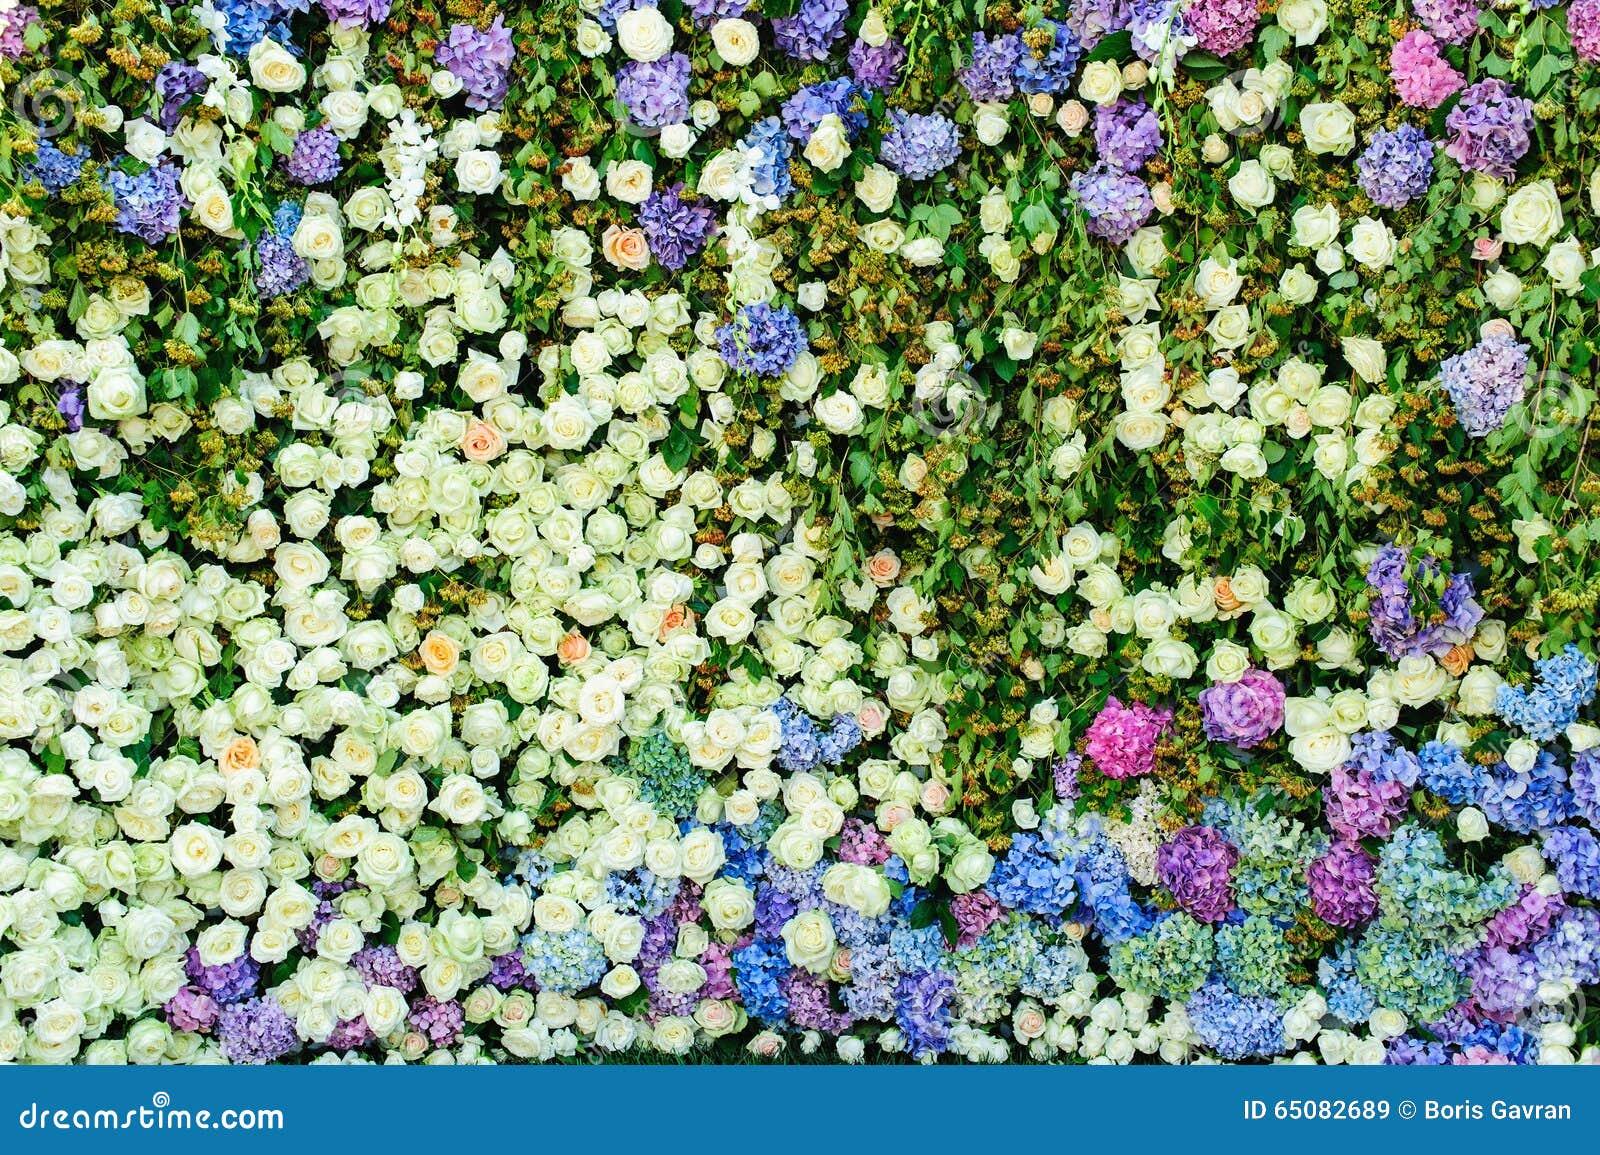 beau mur de fleurs image stock image du v nement pour 65082689. Black Bedroom Furniture Sets. Home Design Ideas